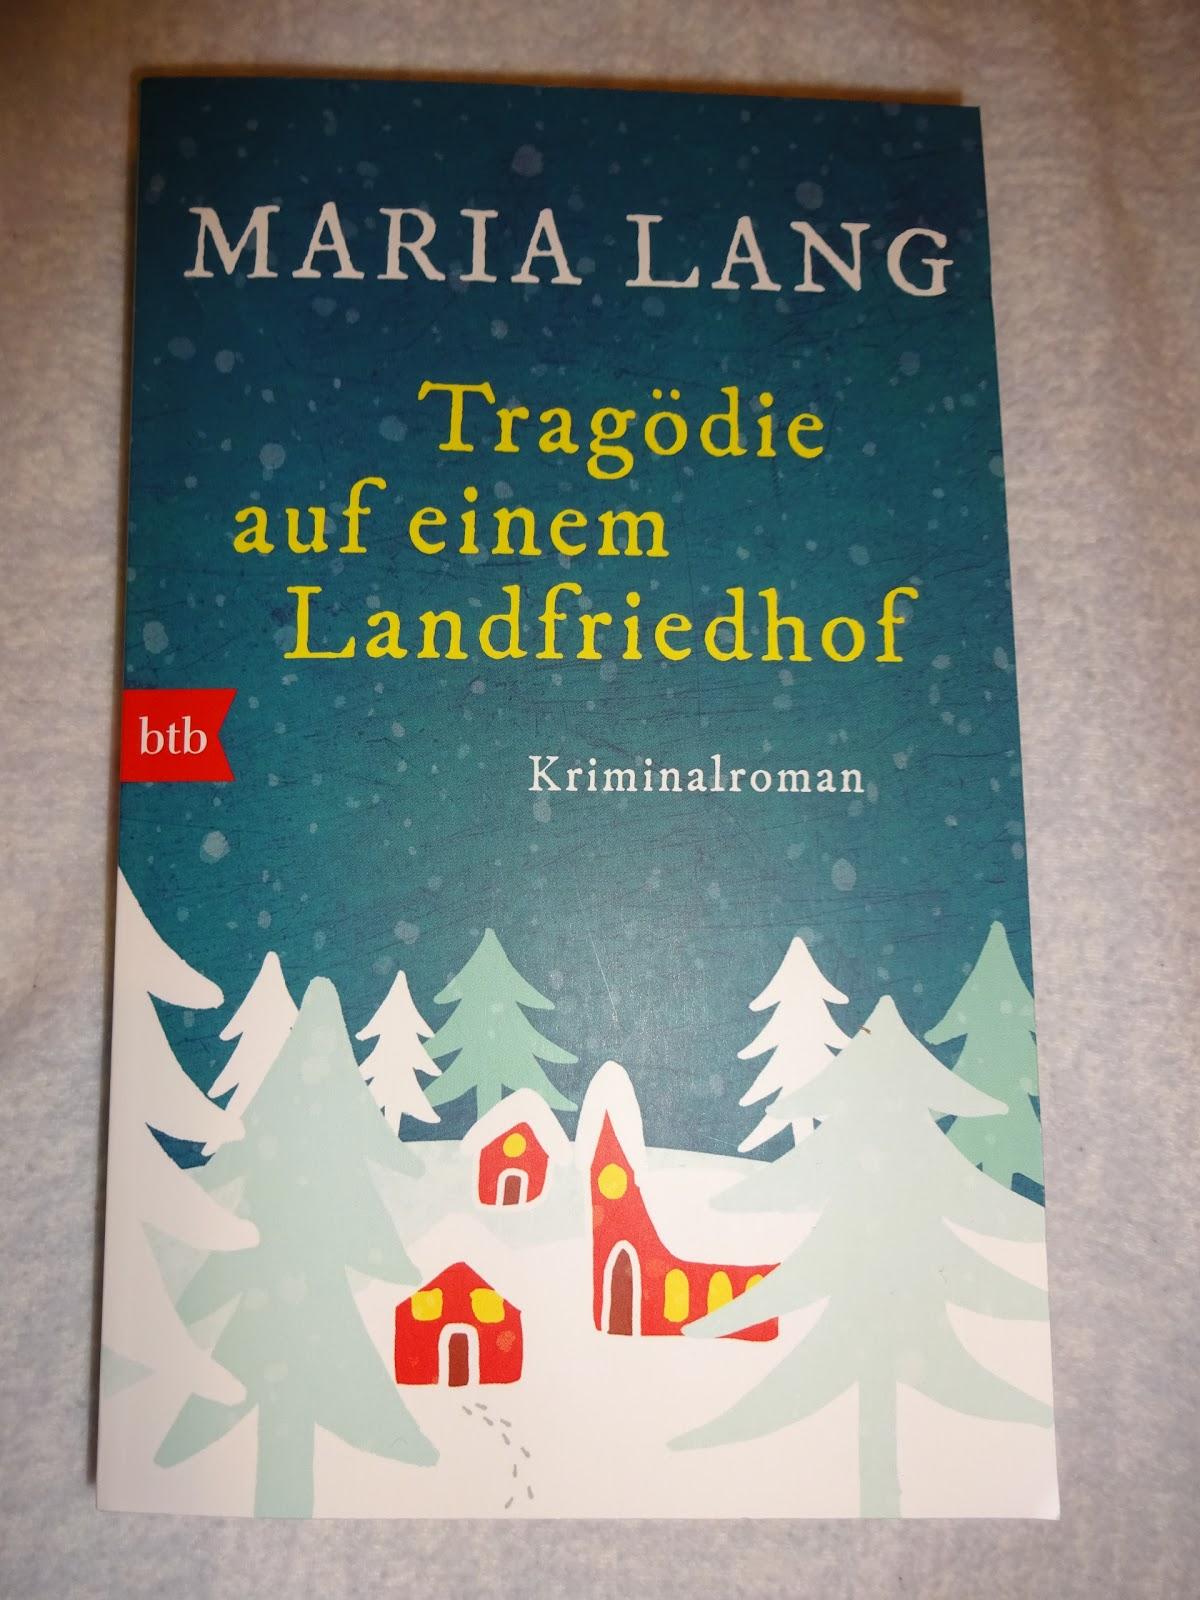 Sommerleses Bücherkiste: Tragödie auf einem Landfriedhof - Maria Lang